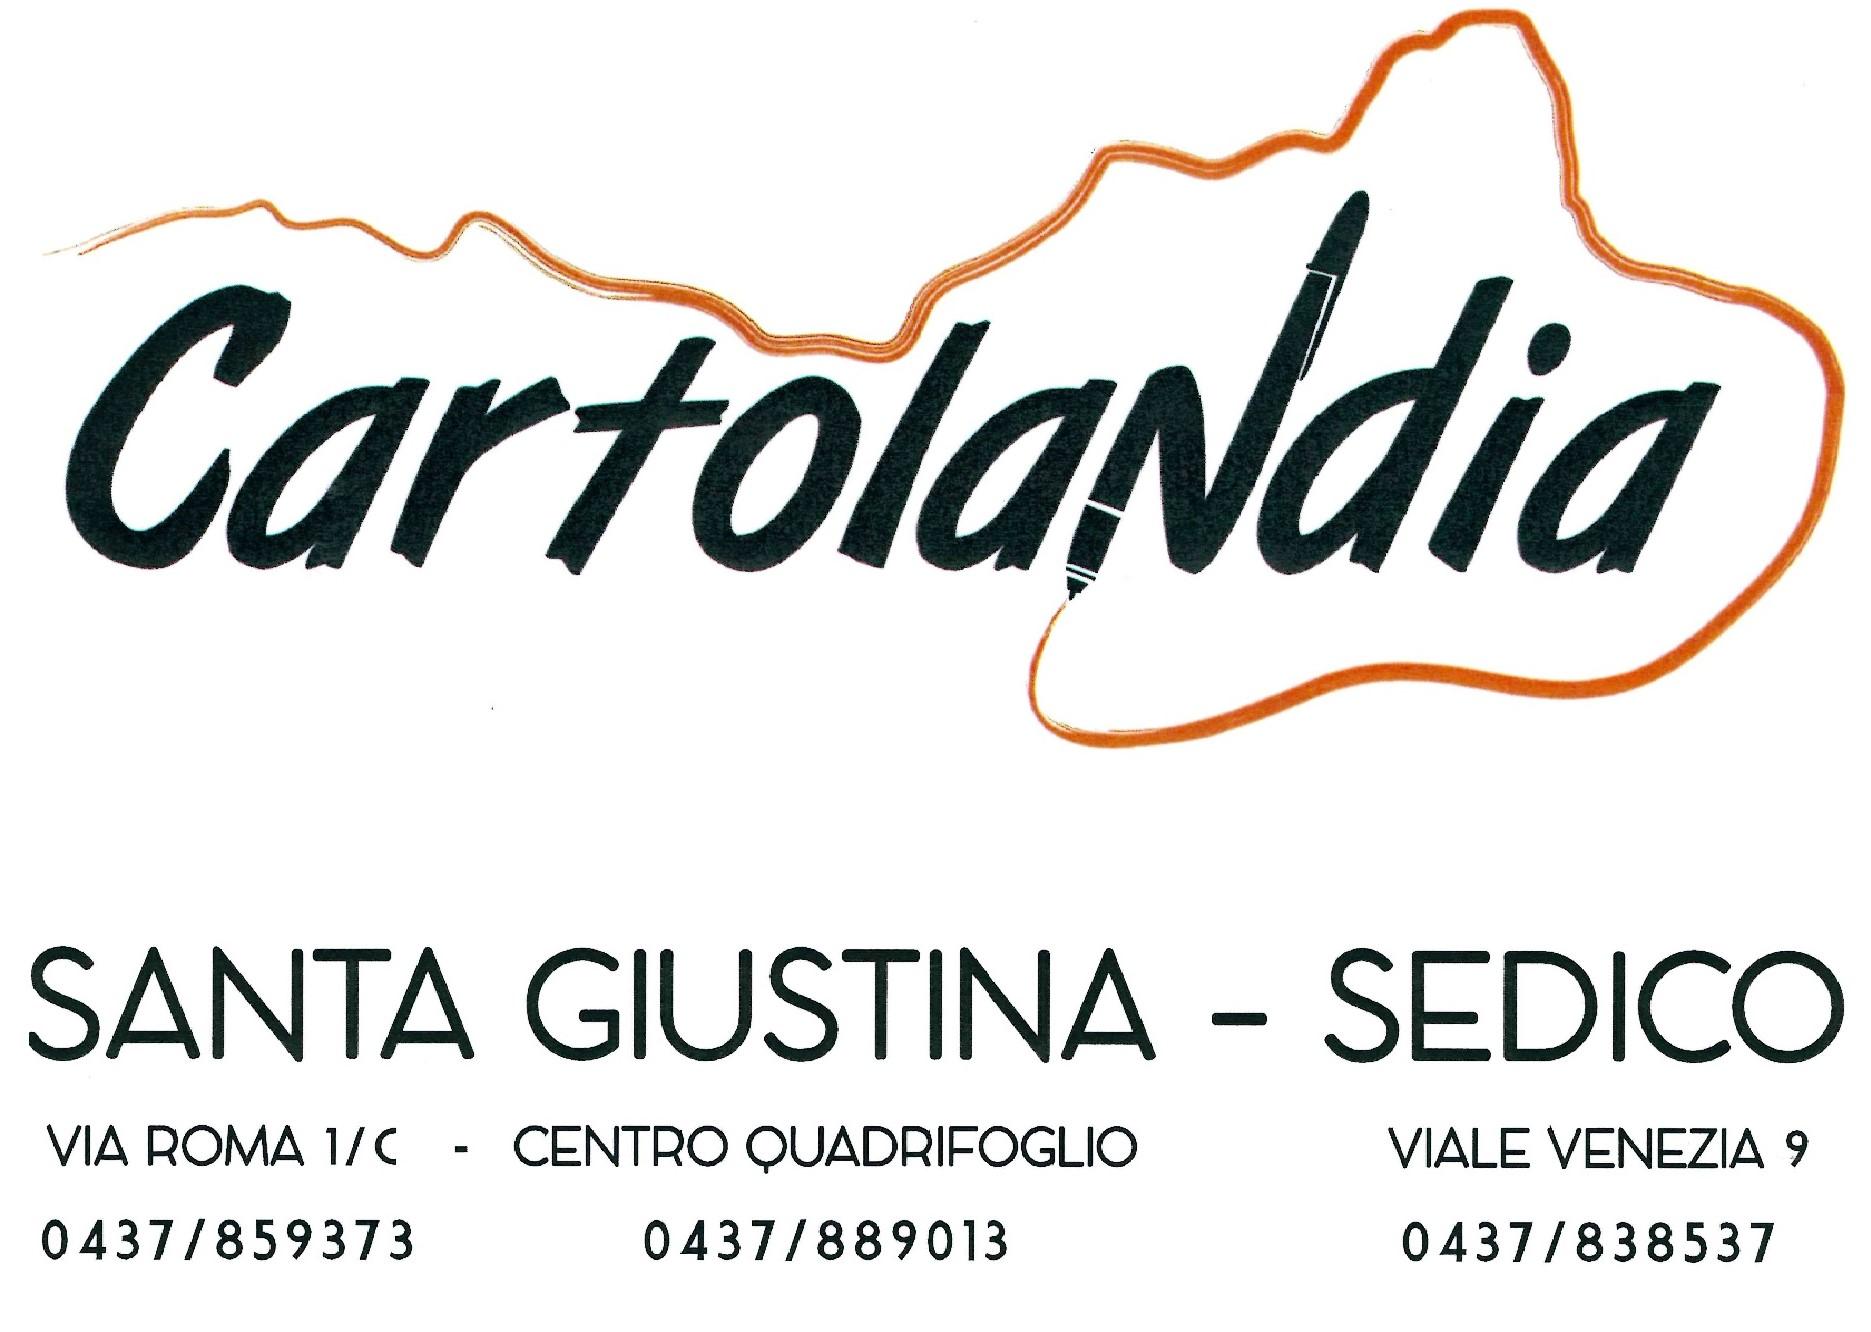 CARTOLANDIA di Ennio Dall'Olio & C.